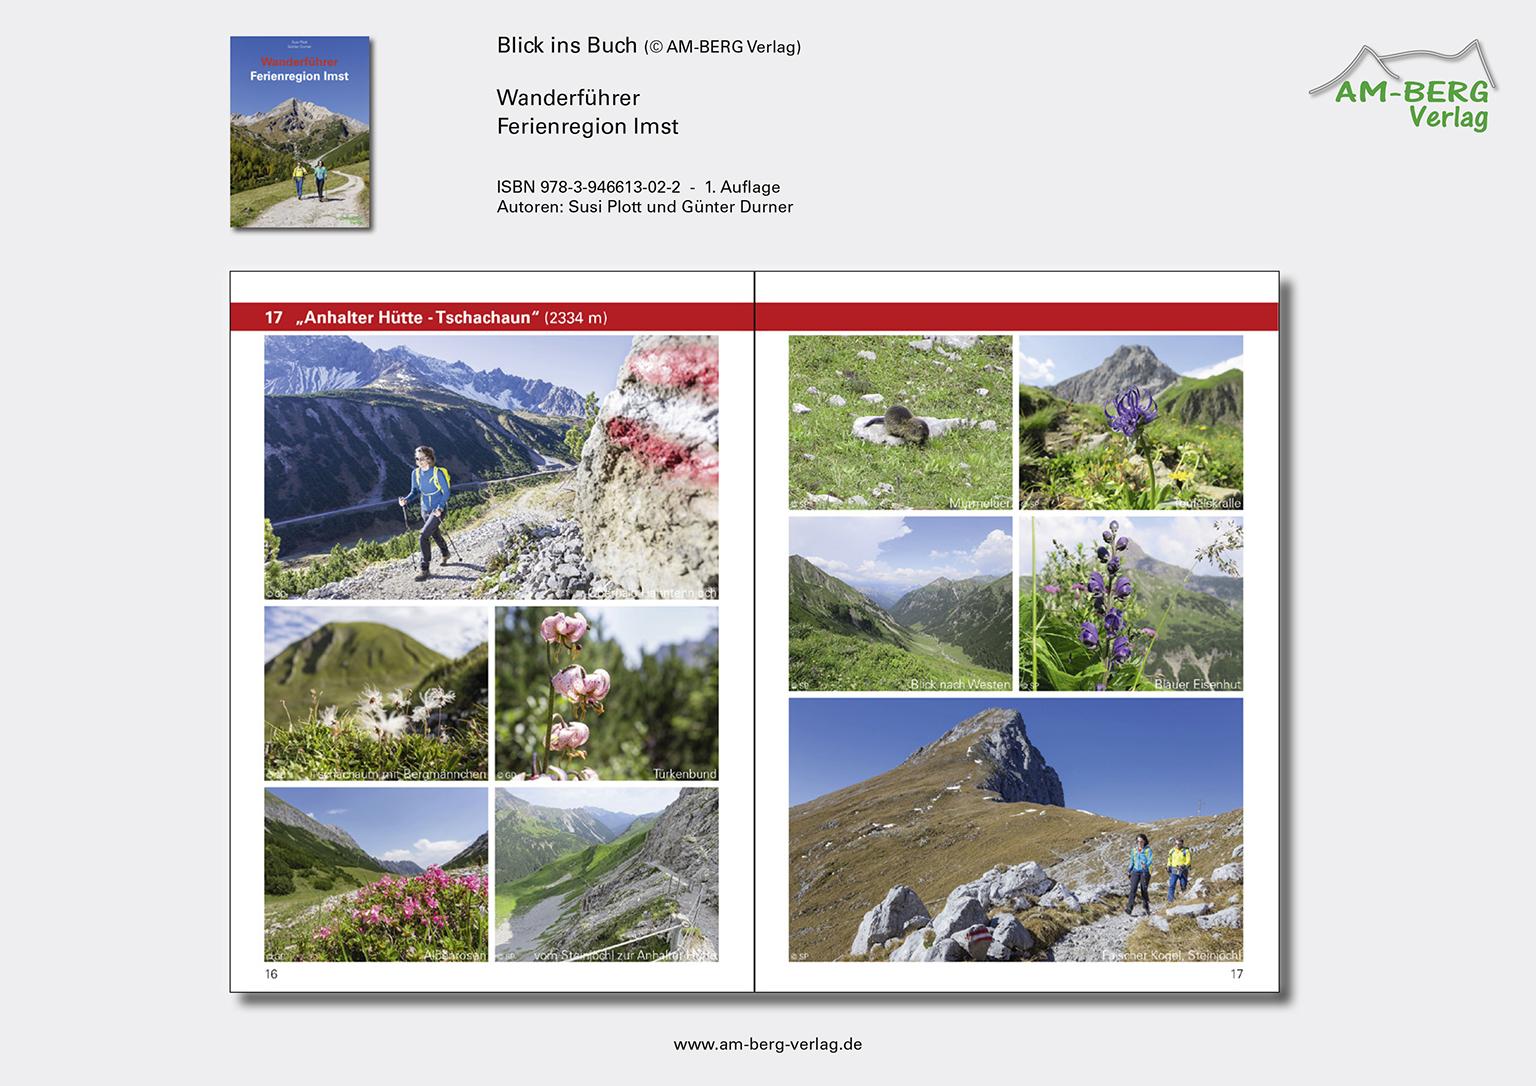 Wanderführer Ferienregion Imst_BlickinsBuch09